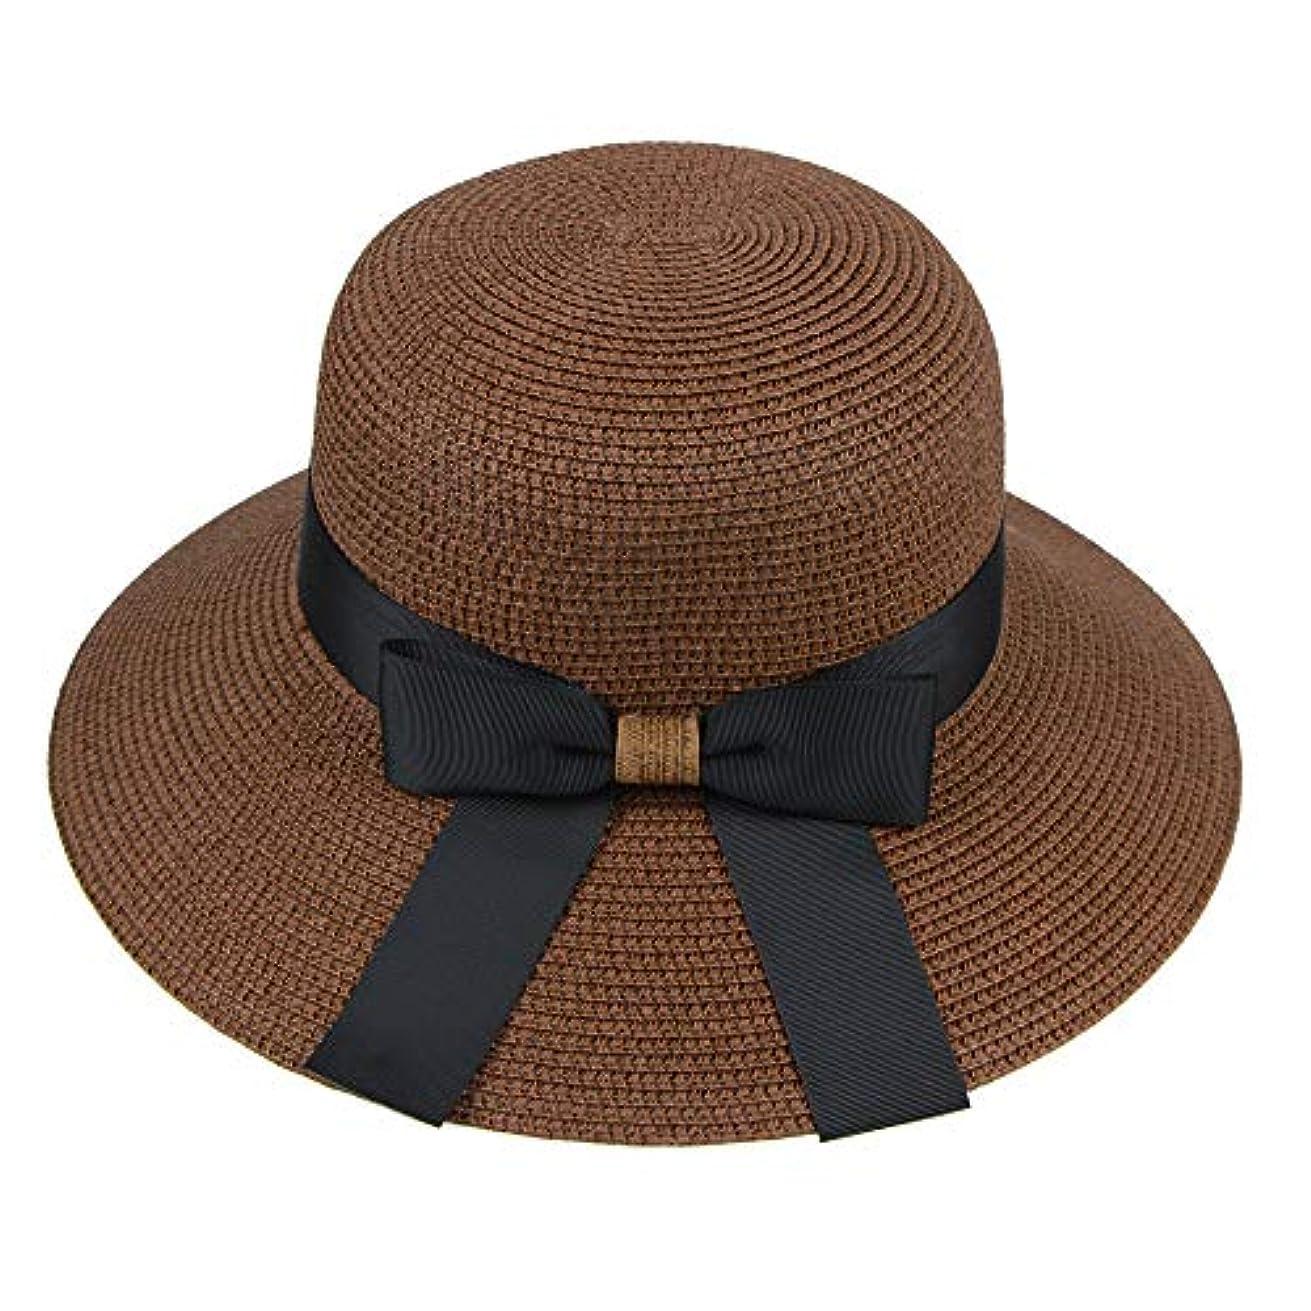 悲惨計算可能軌道漁師帽 帽子 レディース UVカット 帽子 夏季 海 旅行 UV帽子 日焼け防止 つば広 取り外すあご紐 おしゃれ 可愛い ワイルド カジュアル スタイル ファッション シンプル 夏 ビーチ 必須 小顔効果 ROSE ROMAN